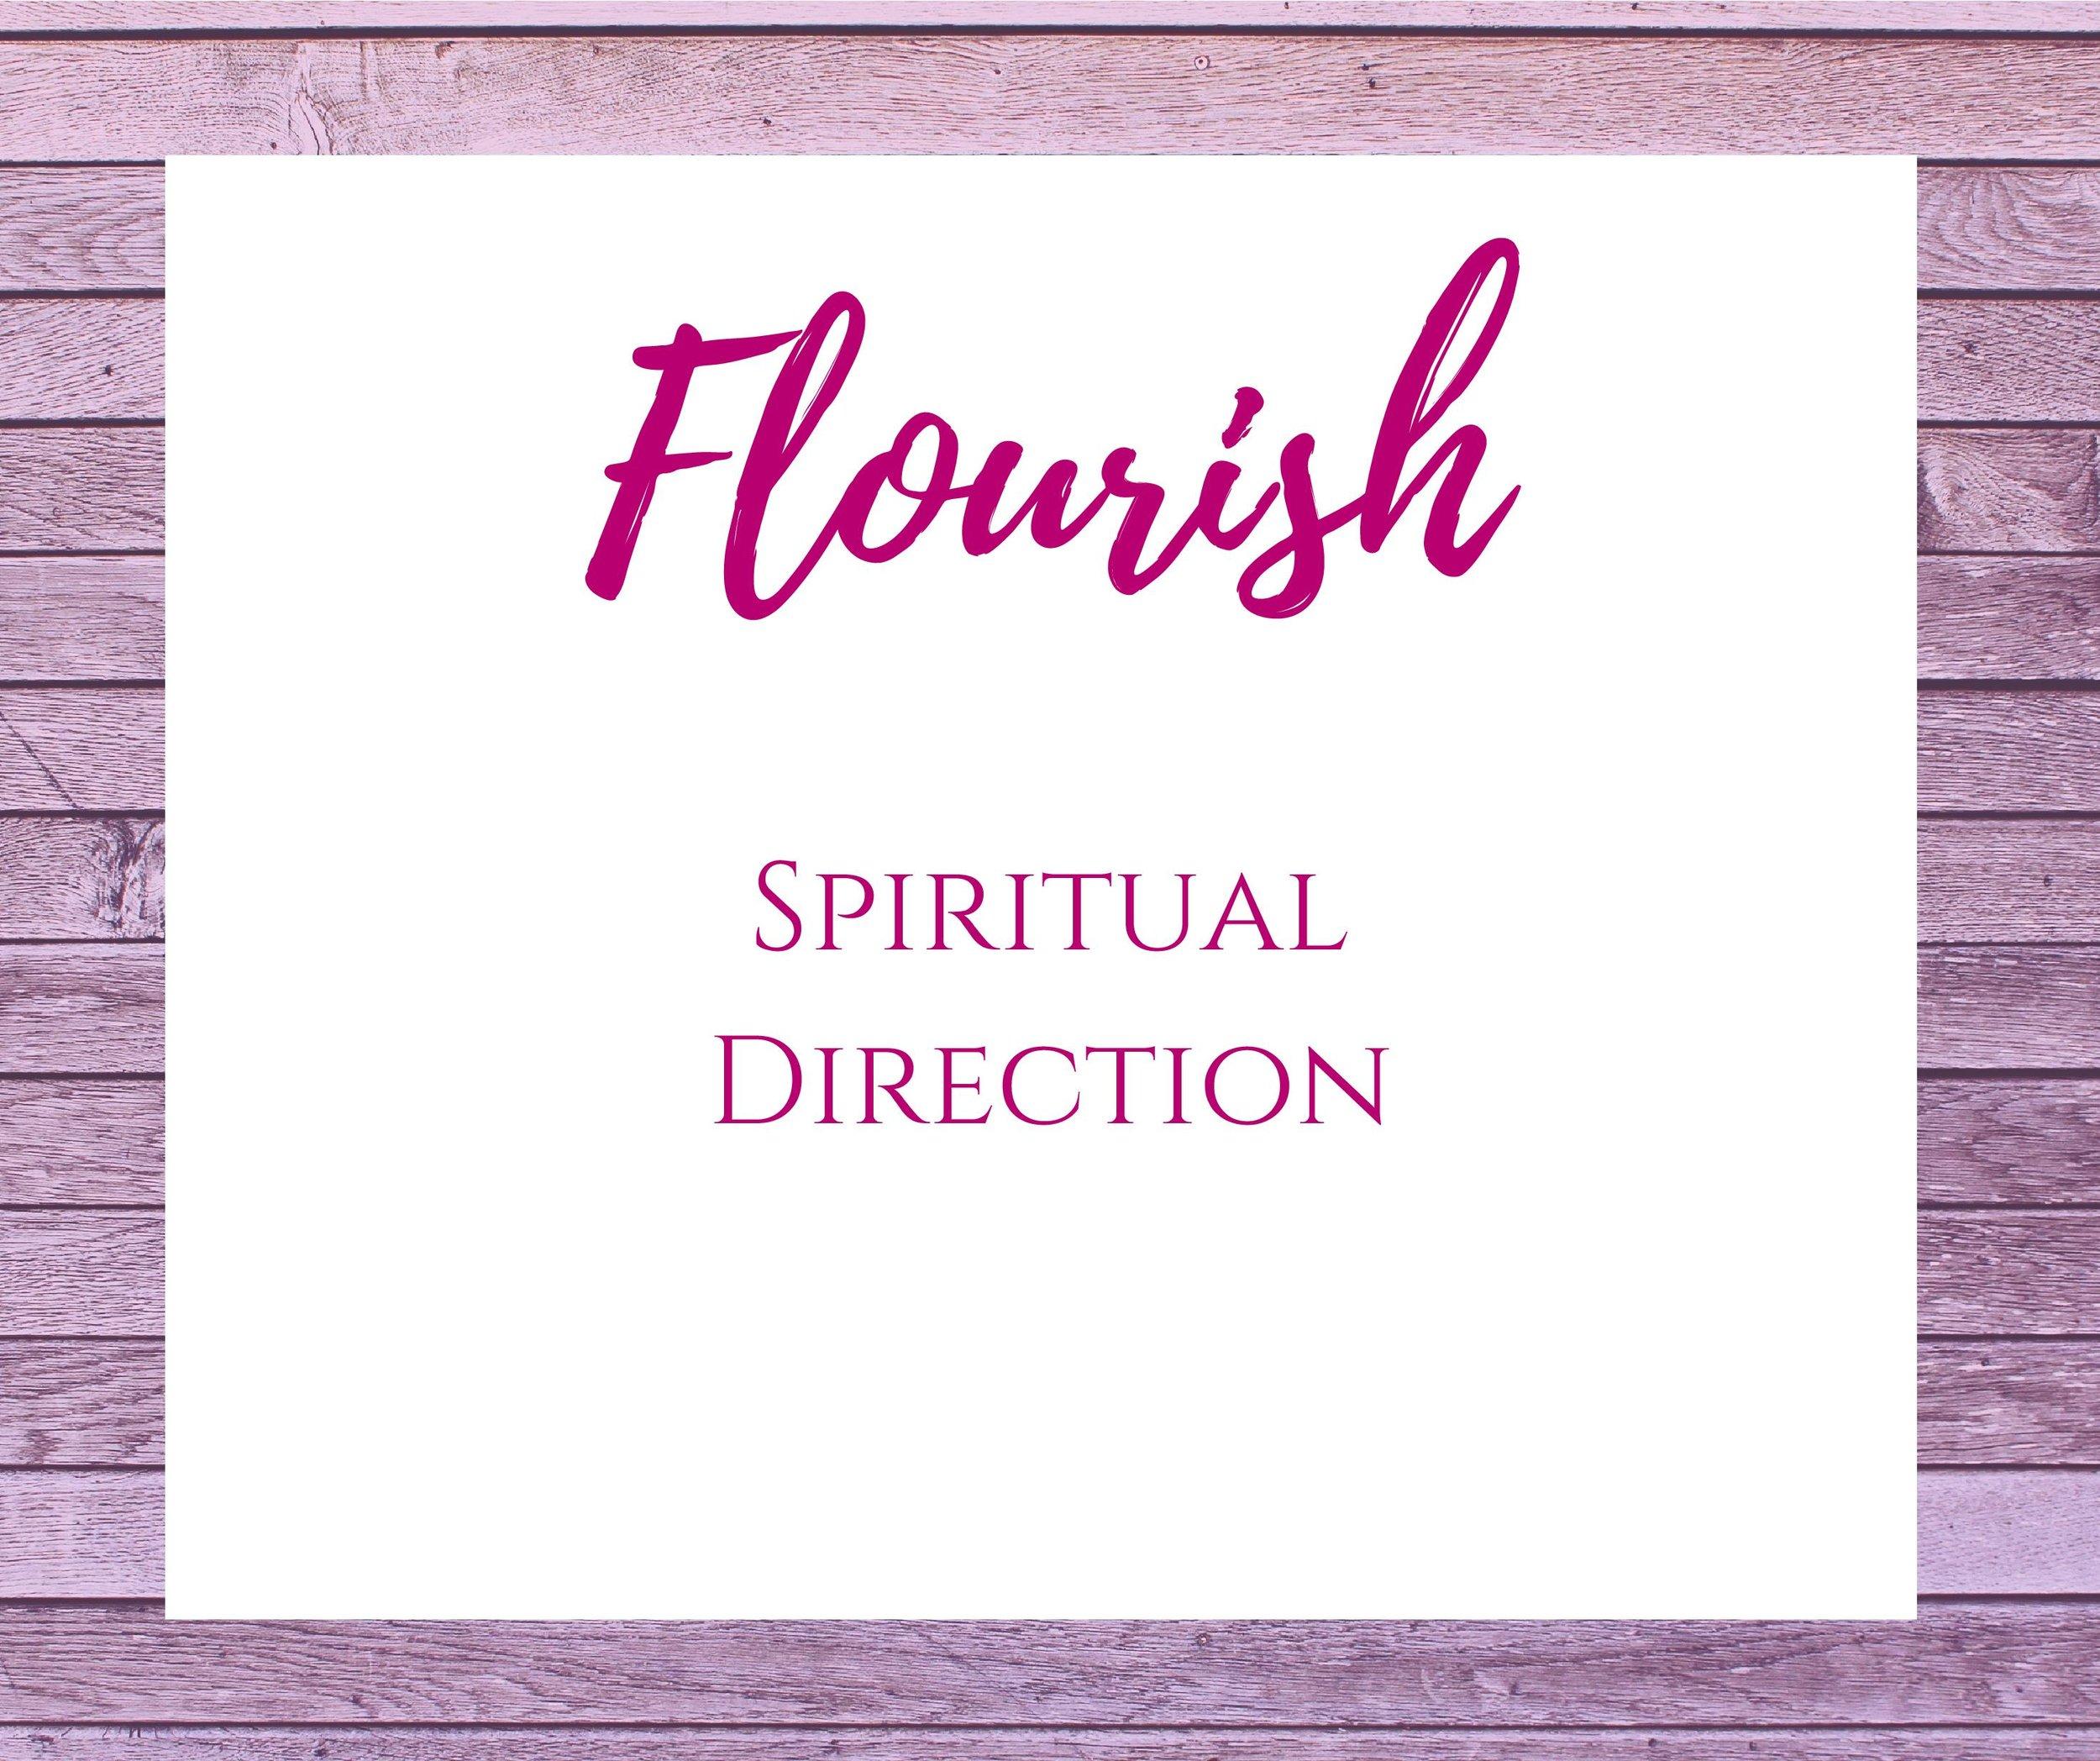 Flourish-3-page-001.jpg